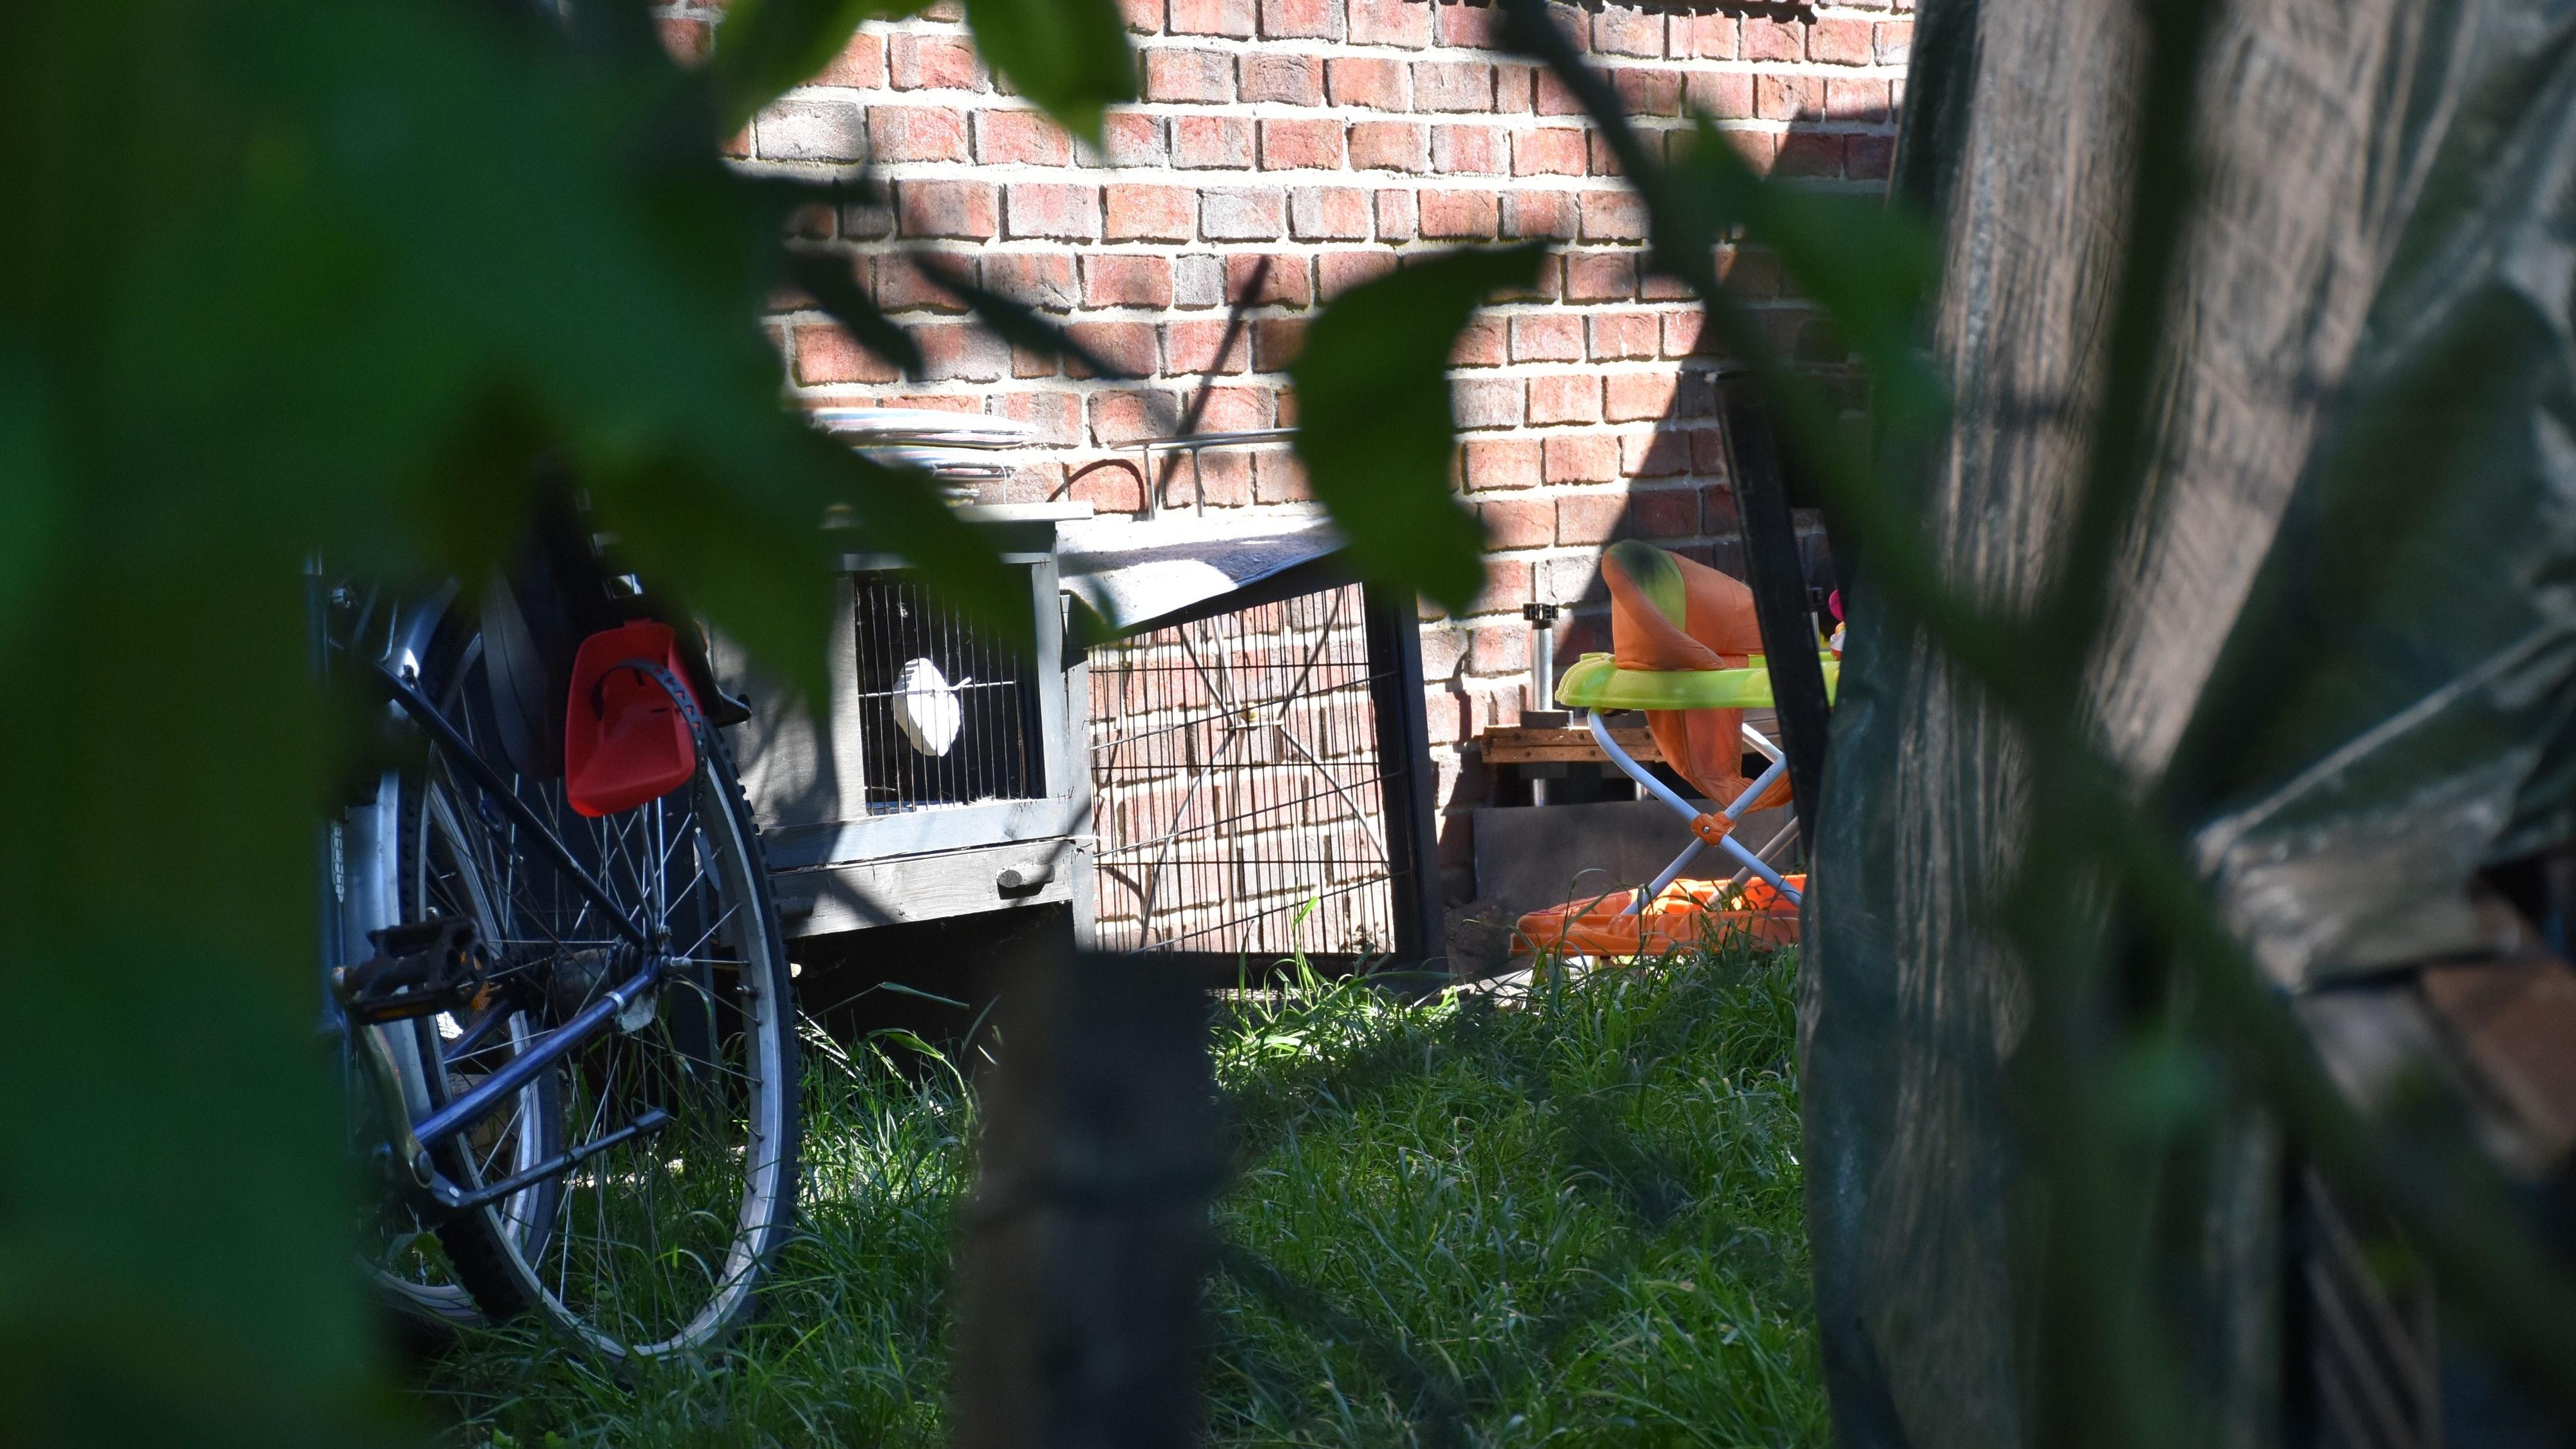 Die Ställe sind zu sehen, die Tiere nicht: Seit Monaten ärgert sich Reinhard Stuntebeck aus Steinfeld über die Kleintierhaltungen seines Nachbarn. Auch über Lärm und Unrat klagt er. Foto: Timphaus